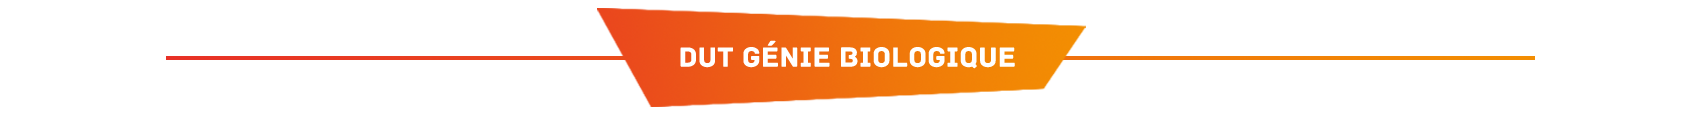 DUT Génie biologique